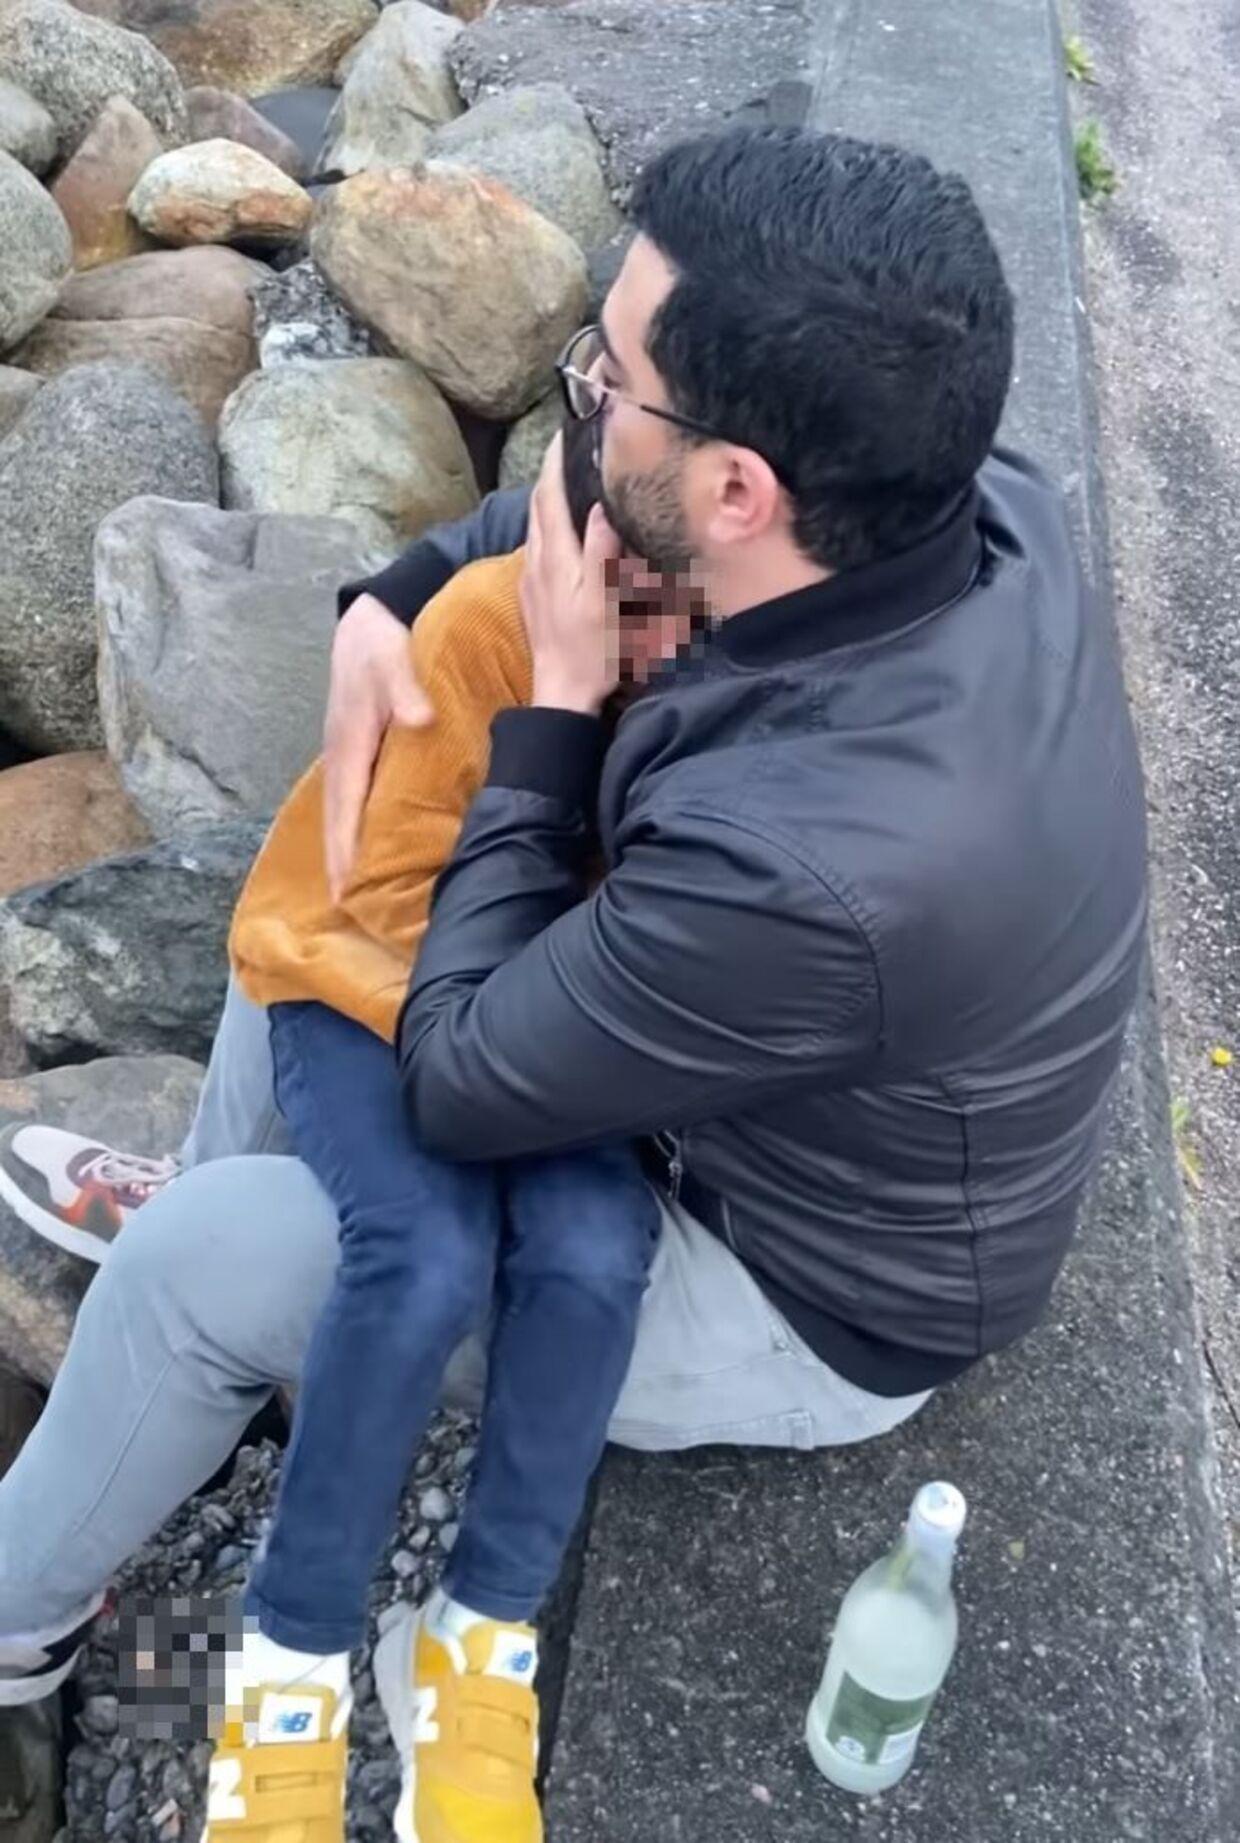 Mahran Hamdi forsøgte under konfrontationen af trøste sine to børn. Kort efter kom to mænd, der var på deres både i havnen, til for at hjælpe med at aflede børnenes opmærksomhed.